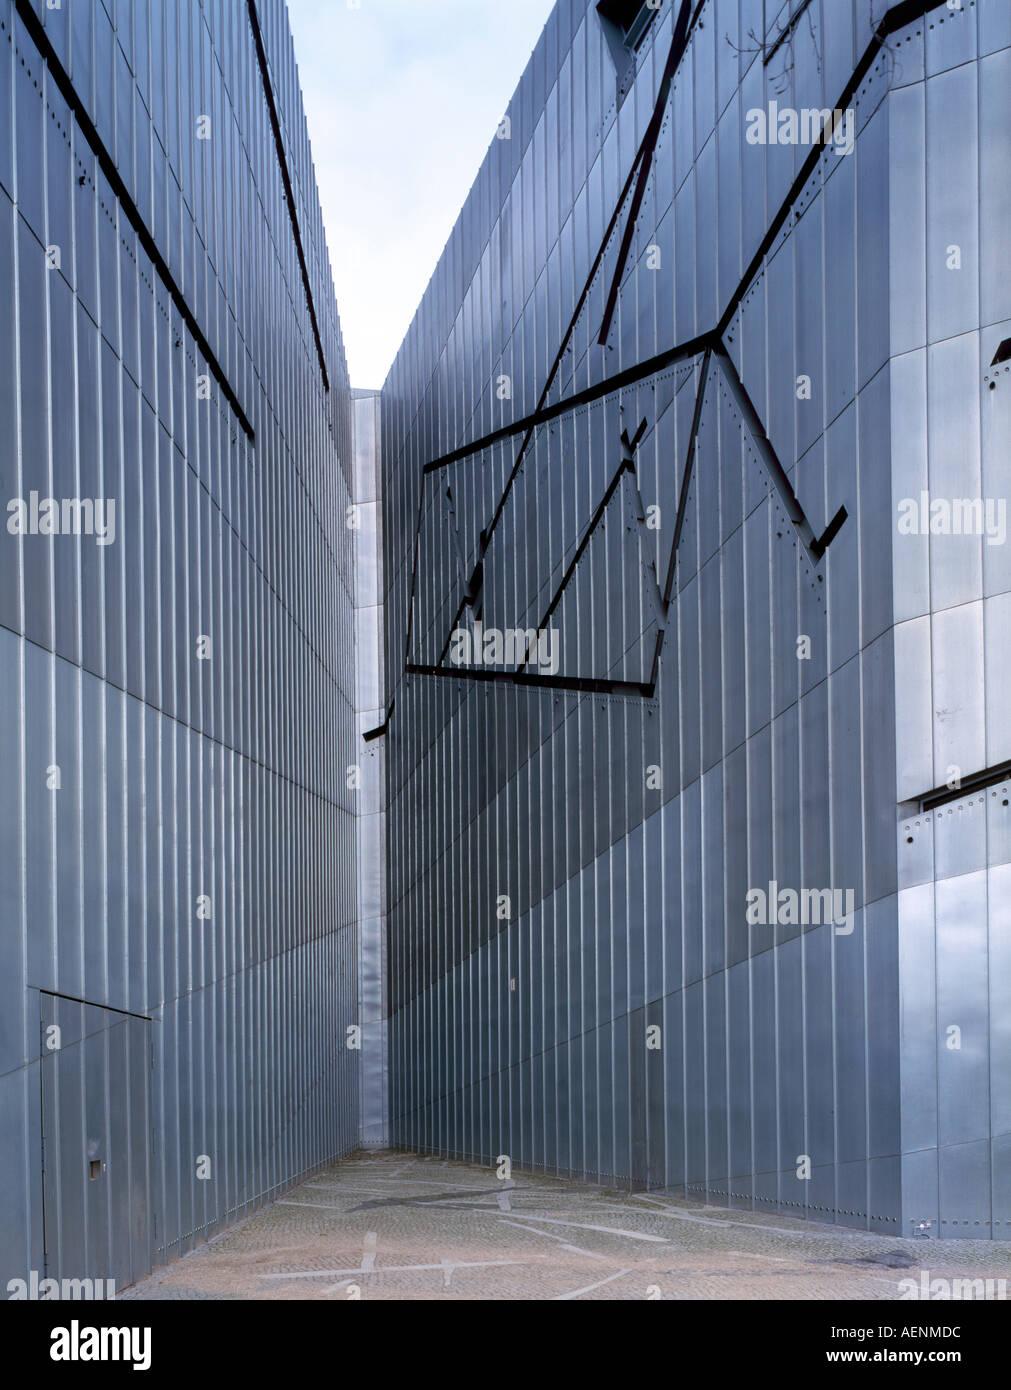 Berlin, Jüdisches Museum, Daniel Libeskind, 1994-98, Fassadenausschnitt Stockbild